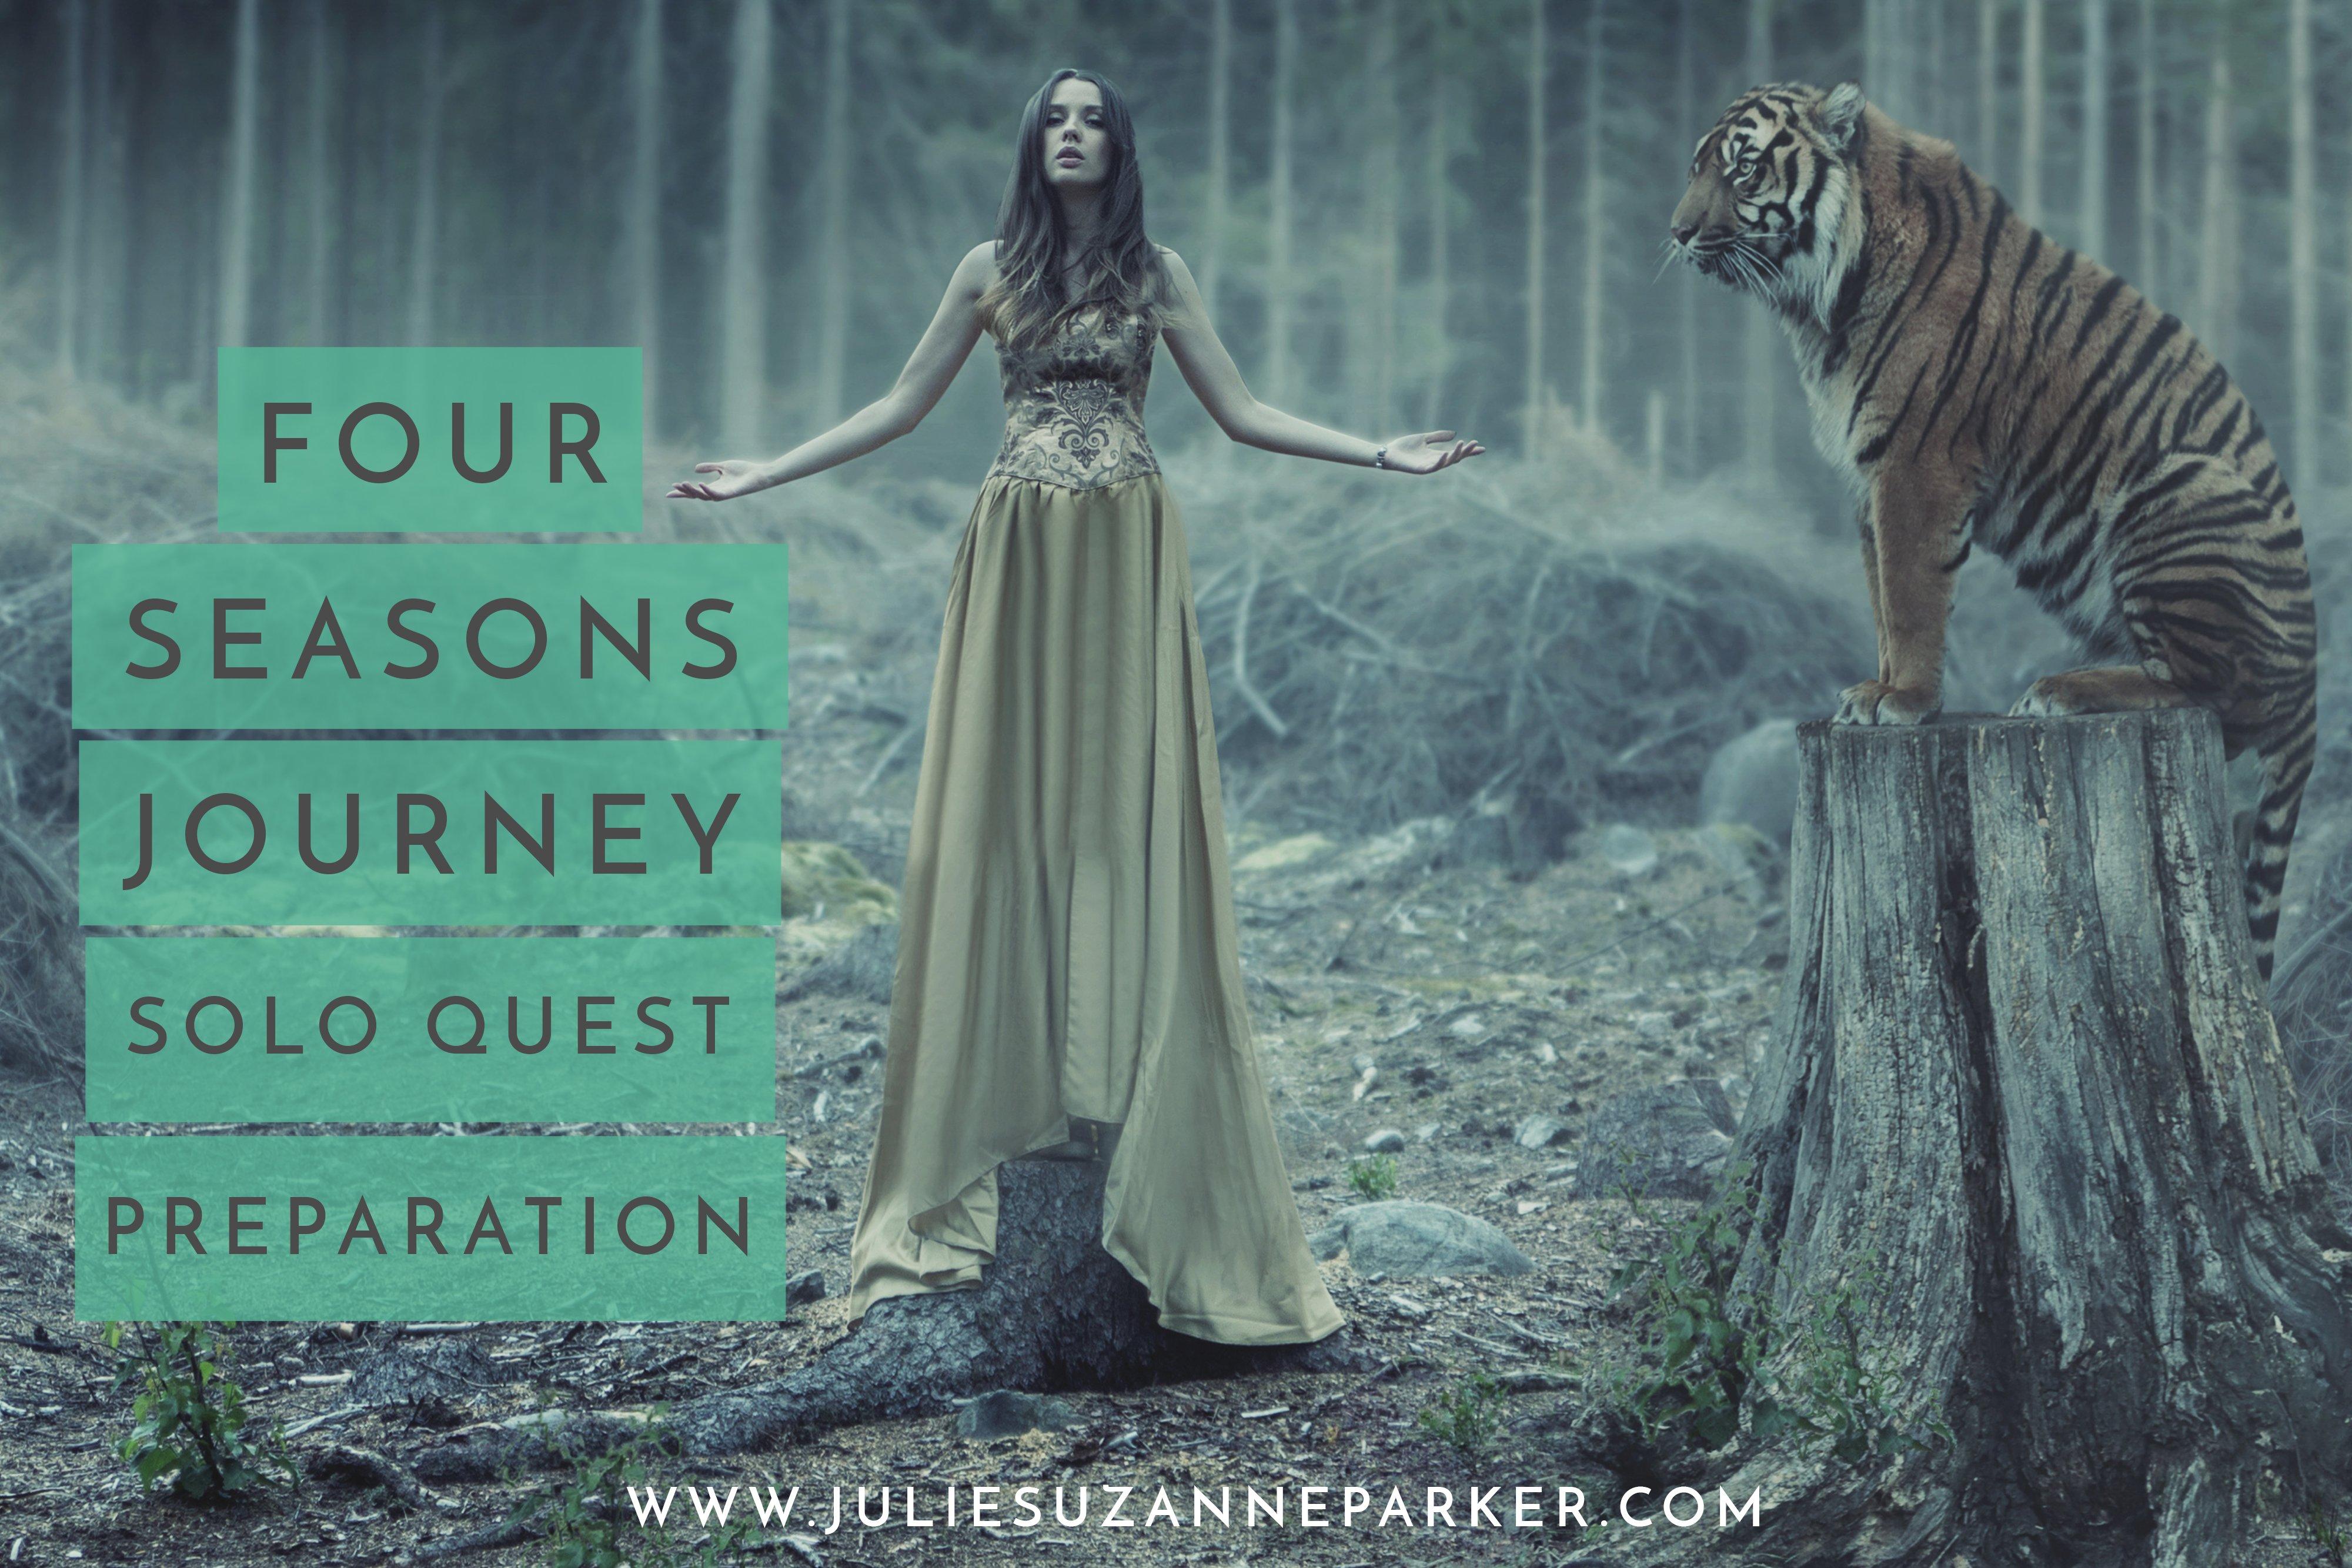 Four Seasons Journey: Solo Quest Preparation